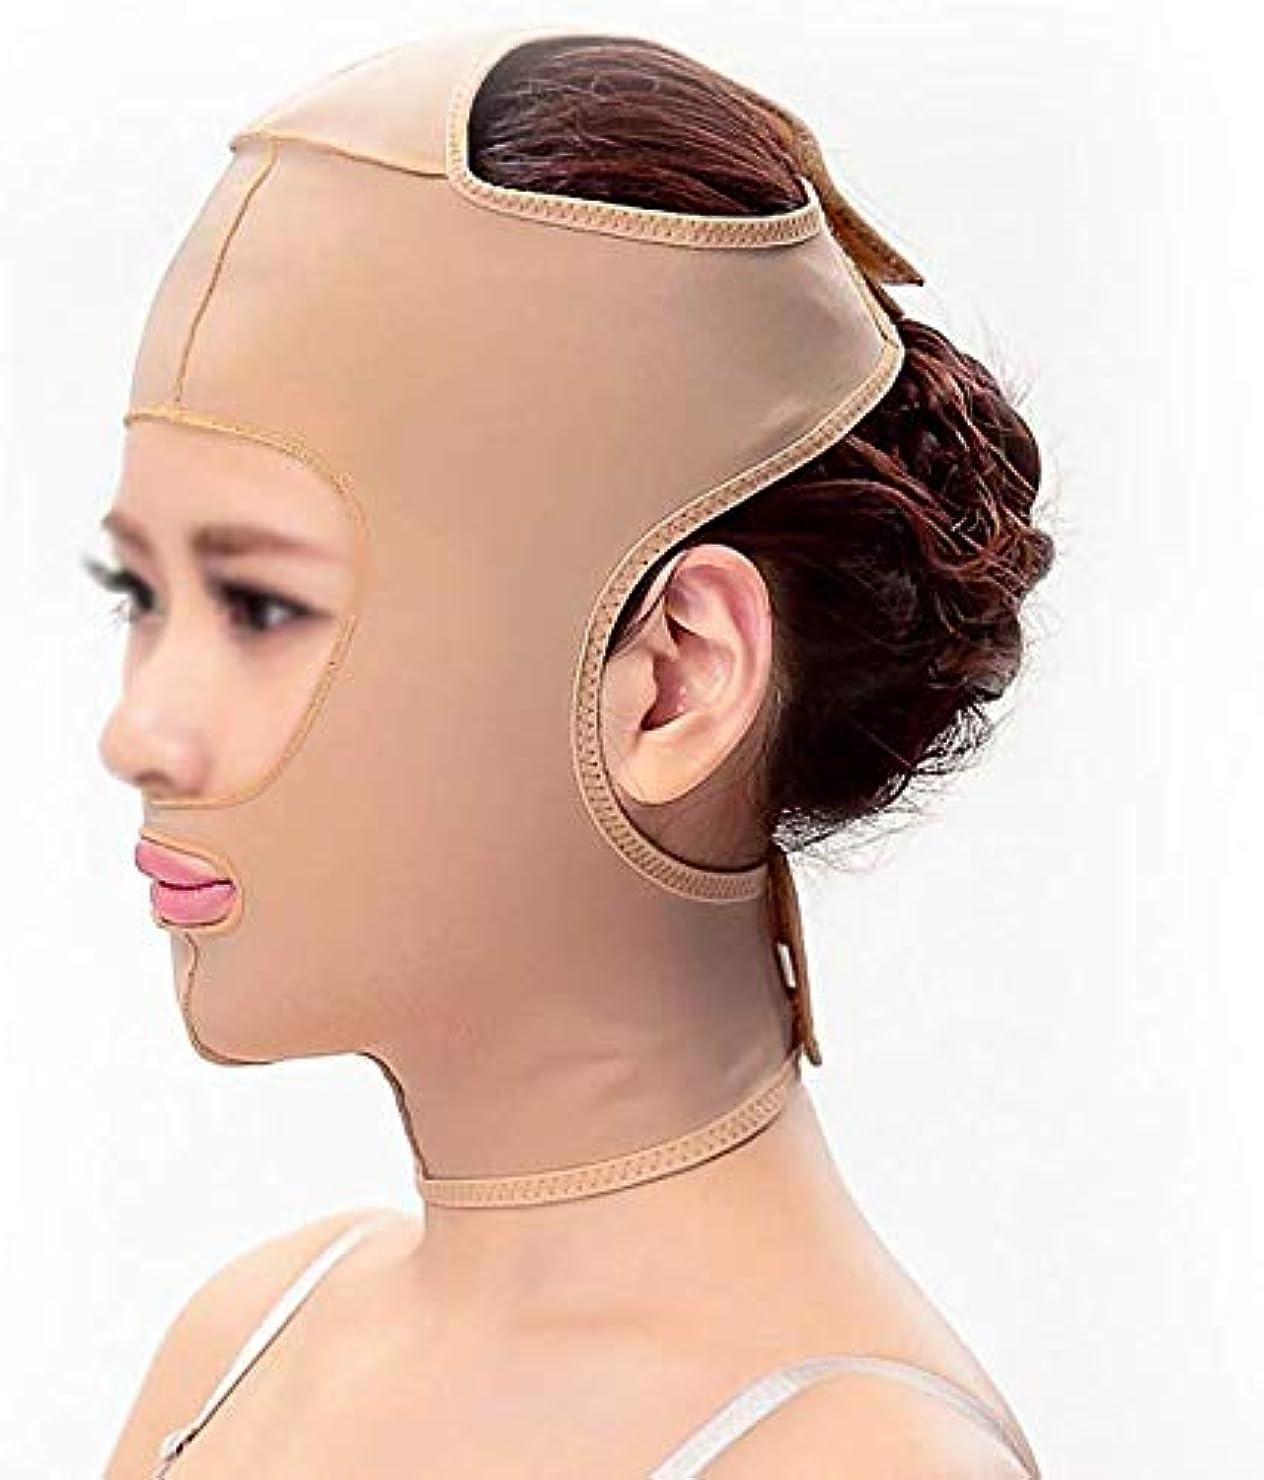 終了しました運河寄生虫美と実用的なSlim身ベルト、フェイシャルマスク薄い布マスクを布パターンを持ち上げるダブルあごを引き締め顔のプラスチック製の顔アーティファクト強力な顔の包帯(サイズ:S)